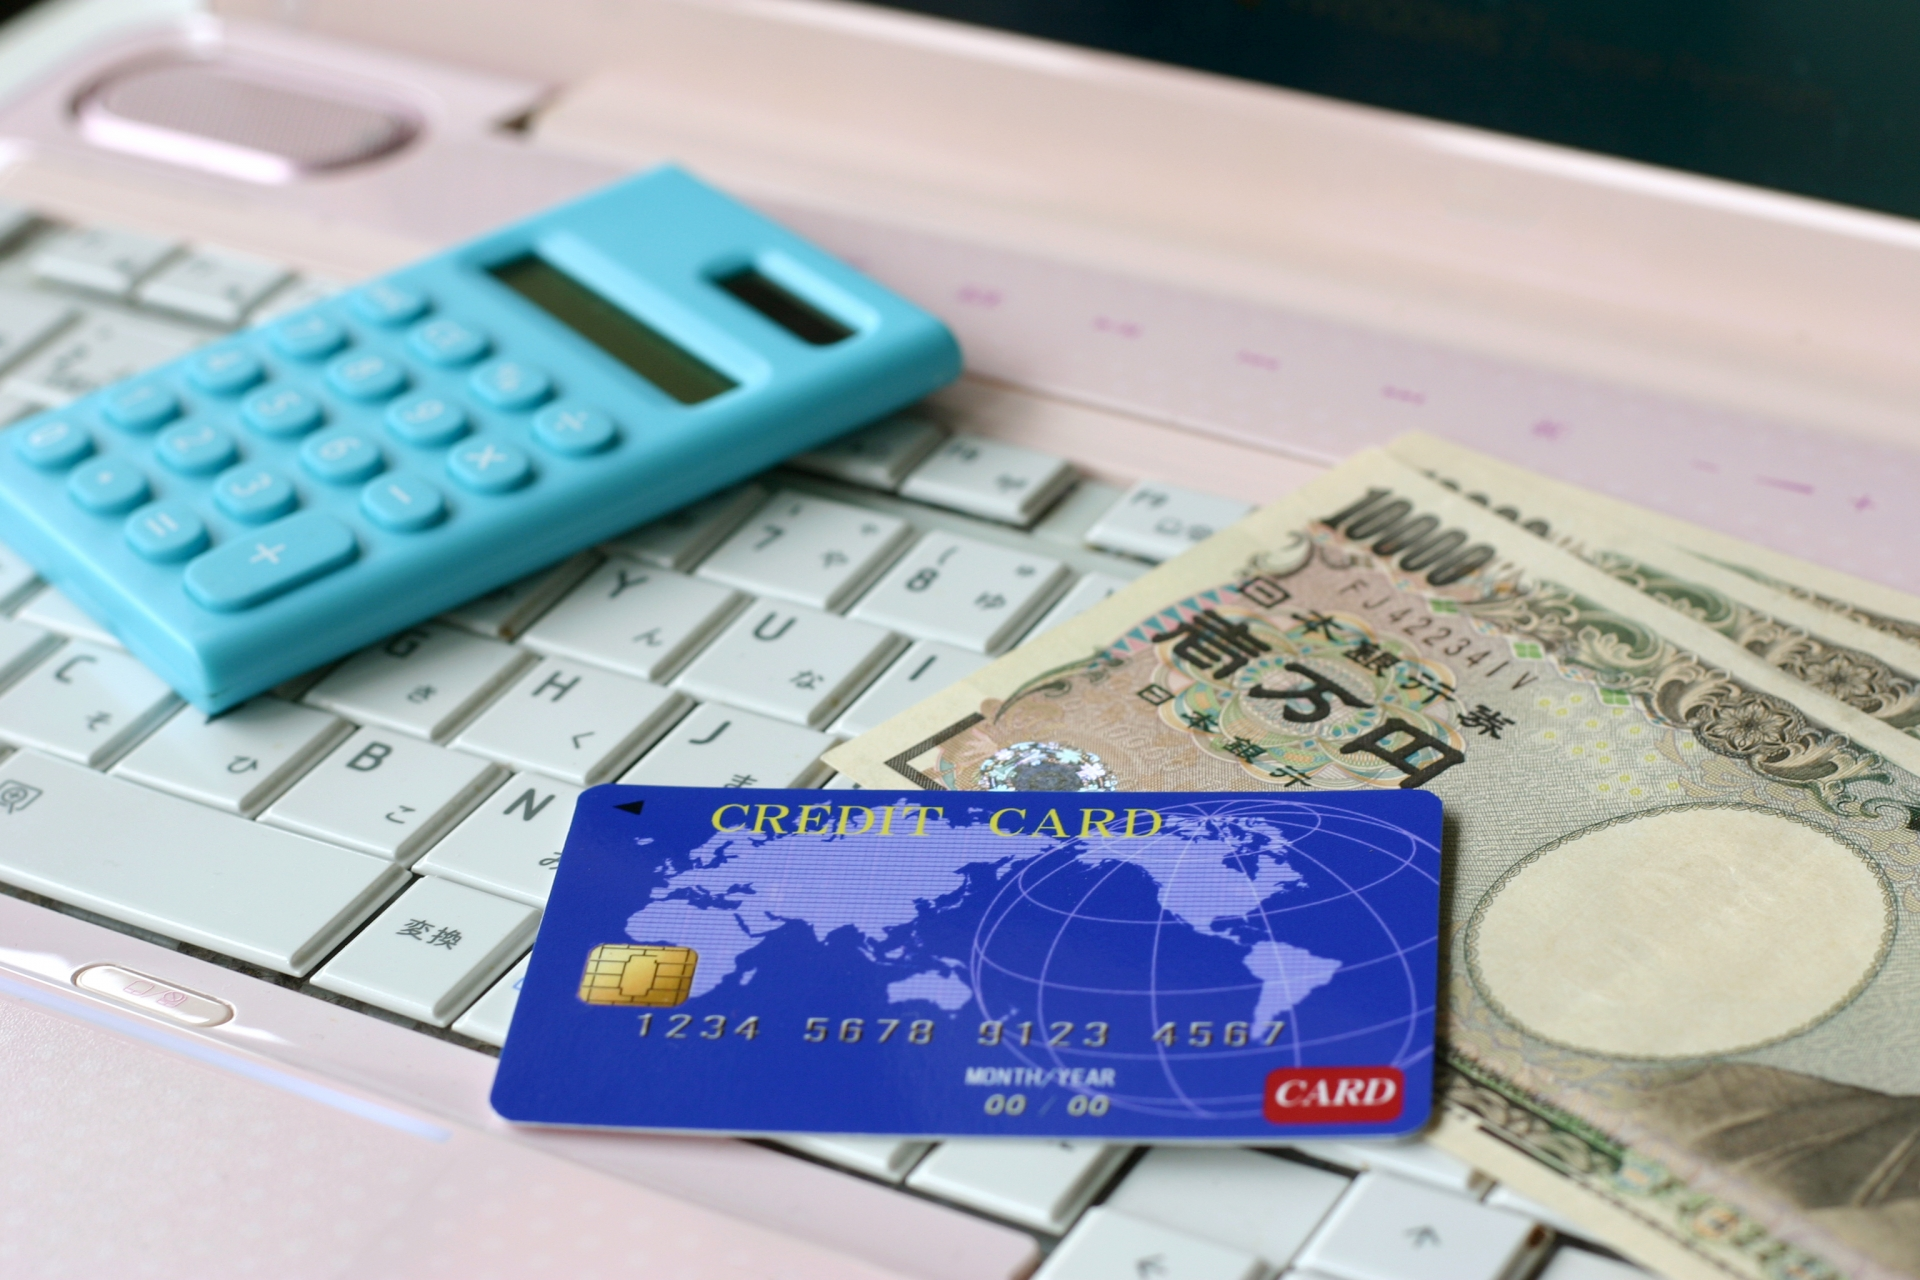 クレジットカードは分ける?分けない?